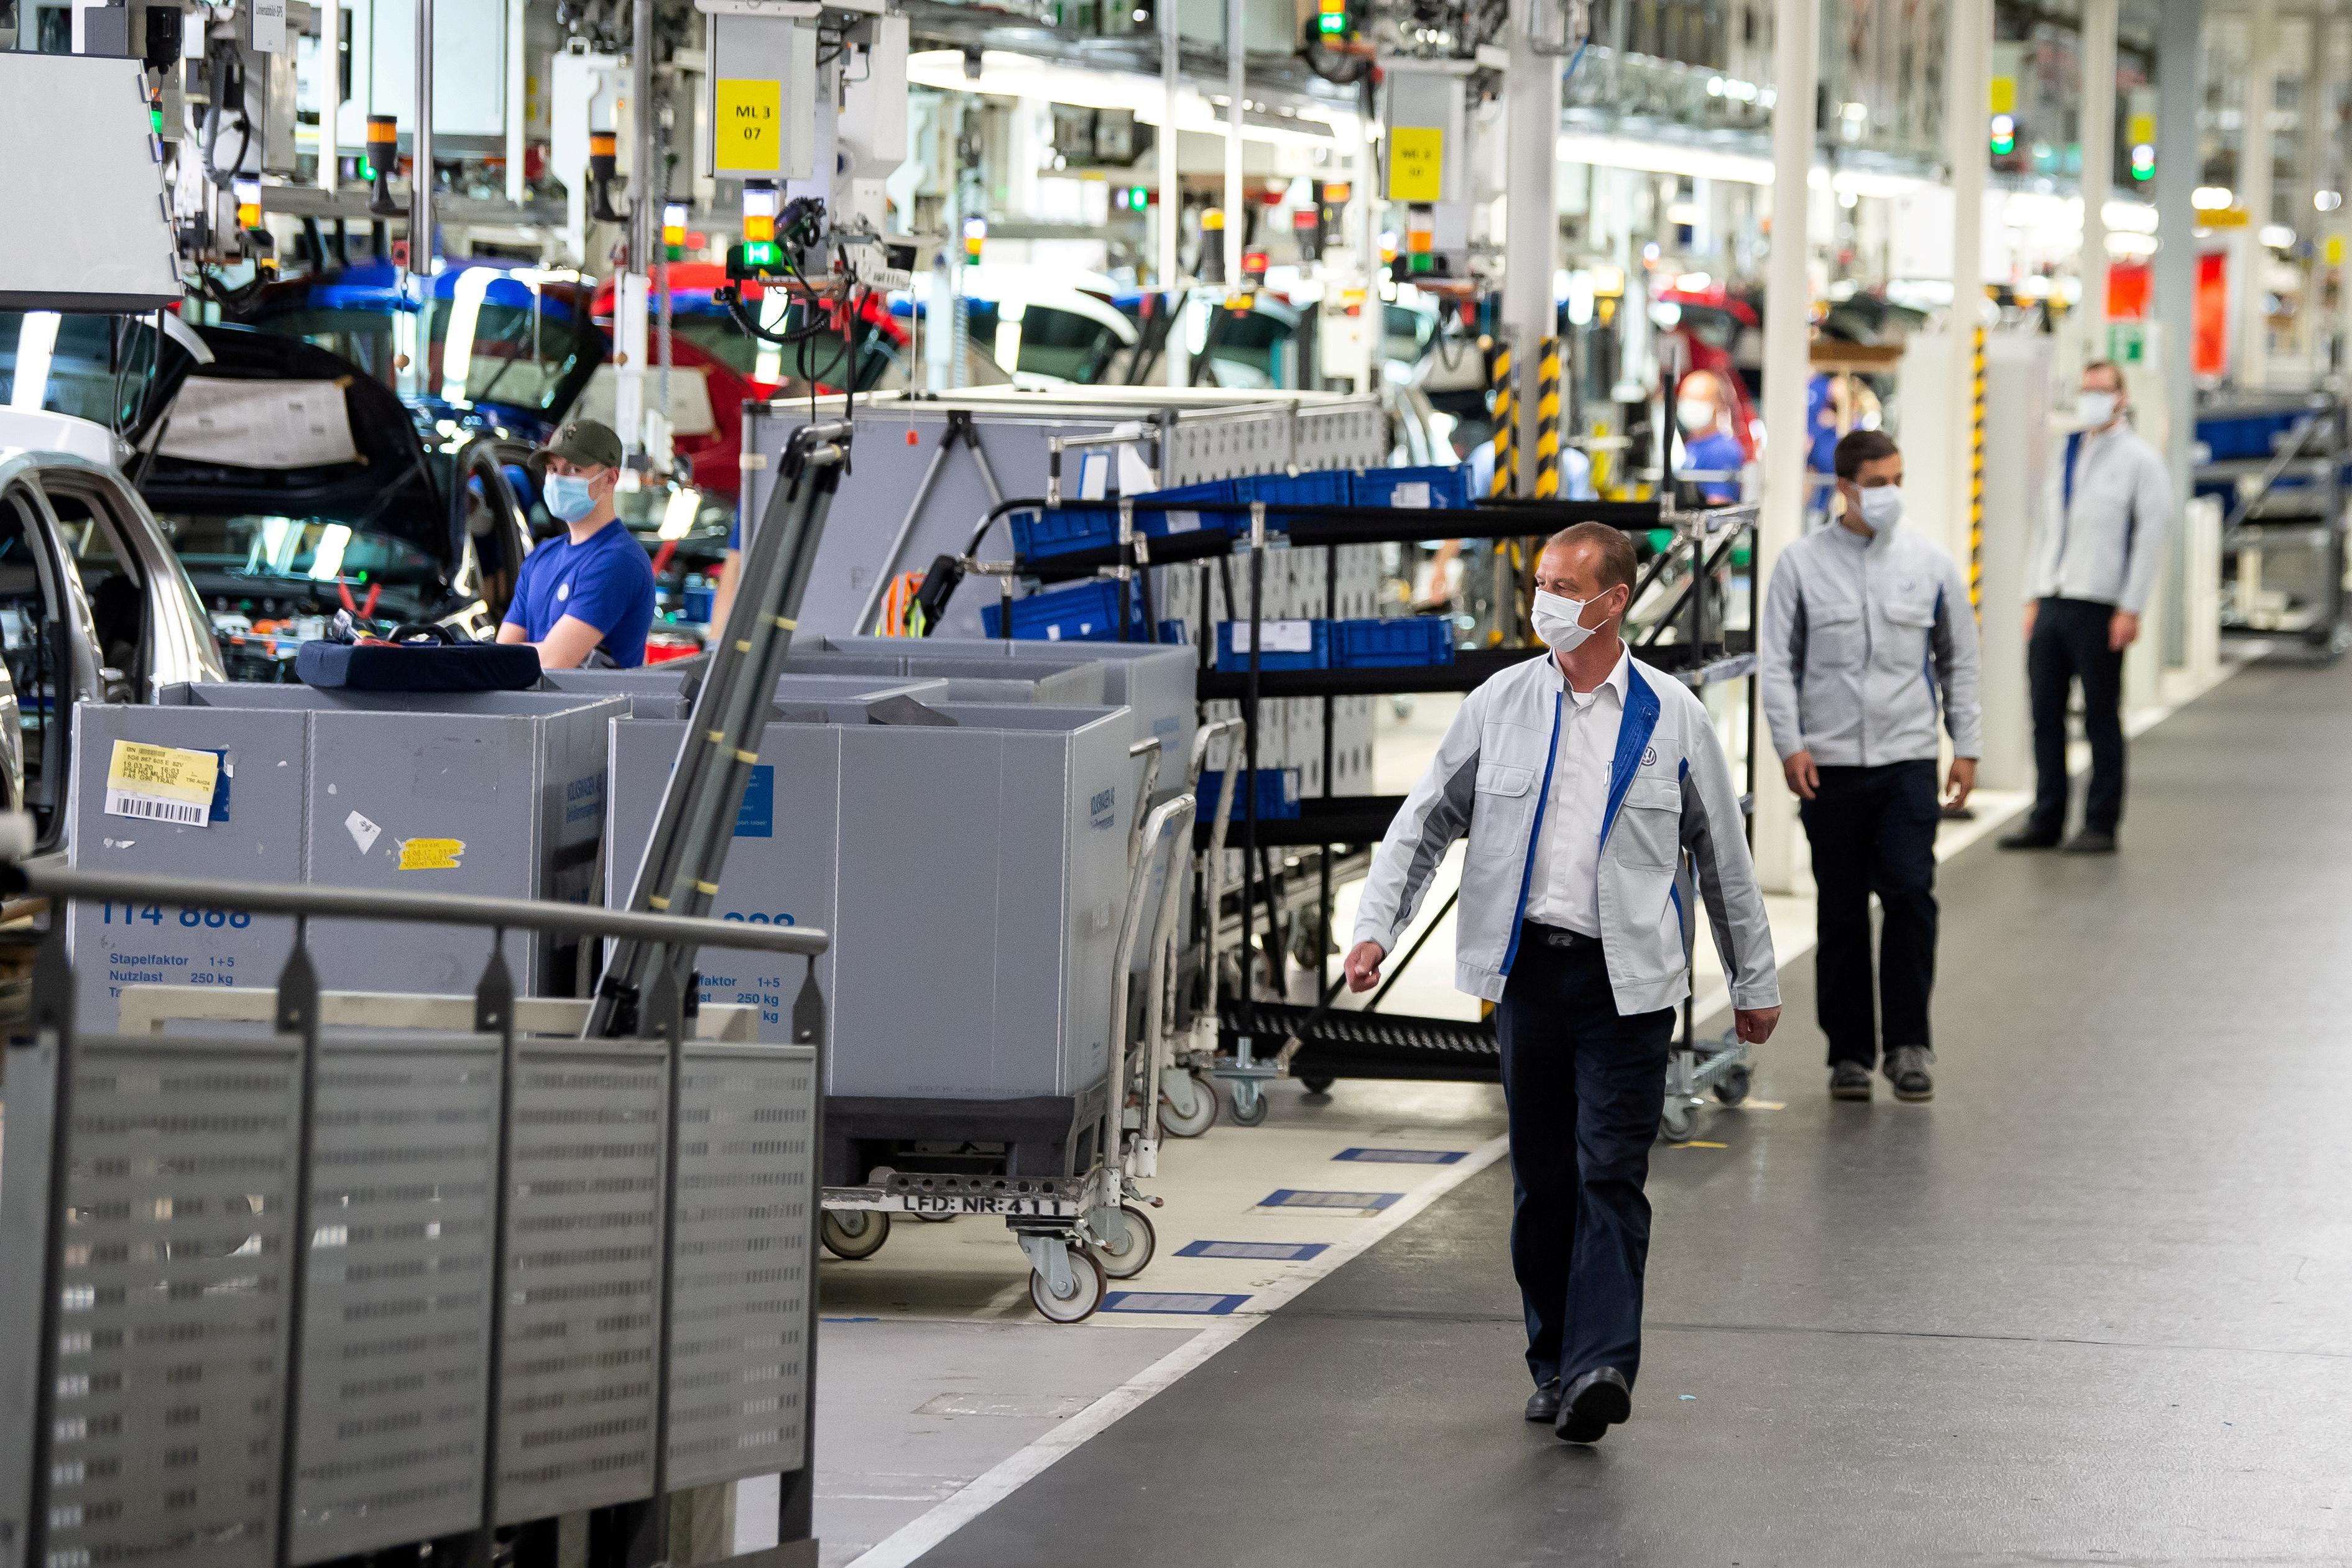 El personal usa máscaras protectoras en la línea de ensamblaje de Volkswagen en Wolfsburg, Alemania, el 27 de abril de 2020. Swen Pfoertner / Pool vía REUTERS